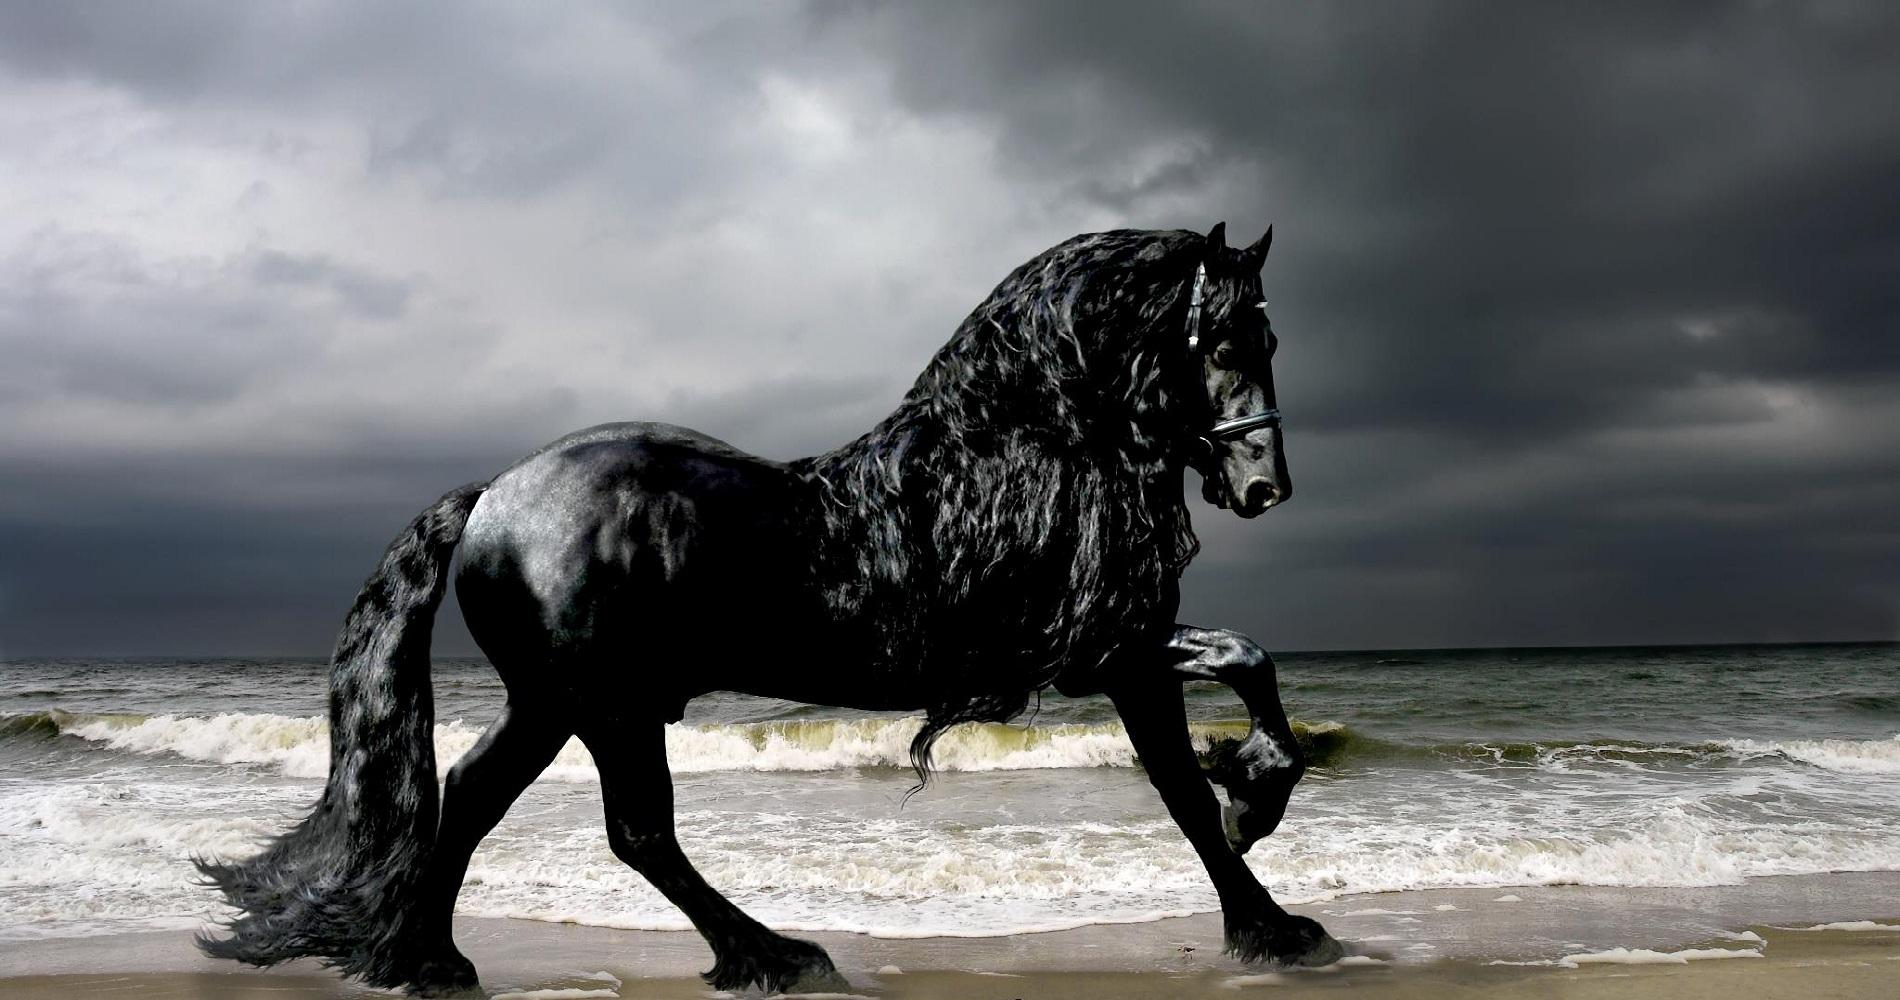 самые дорогие черно белые фото в мире сочи внесли изменения